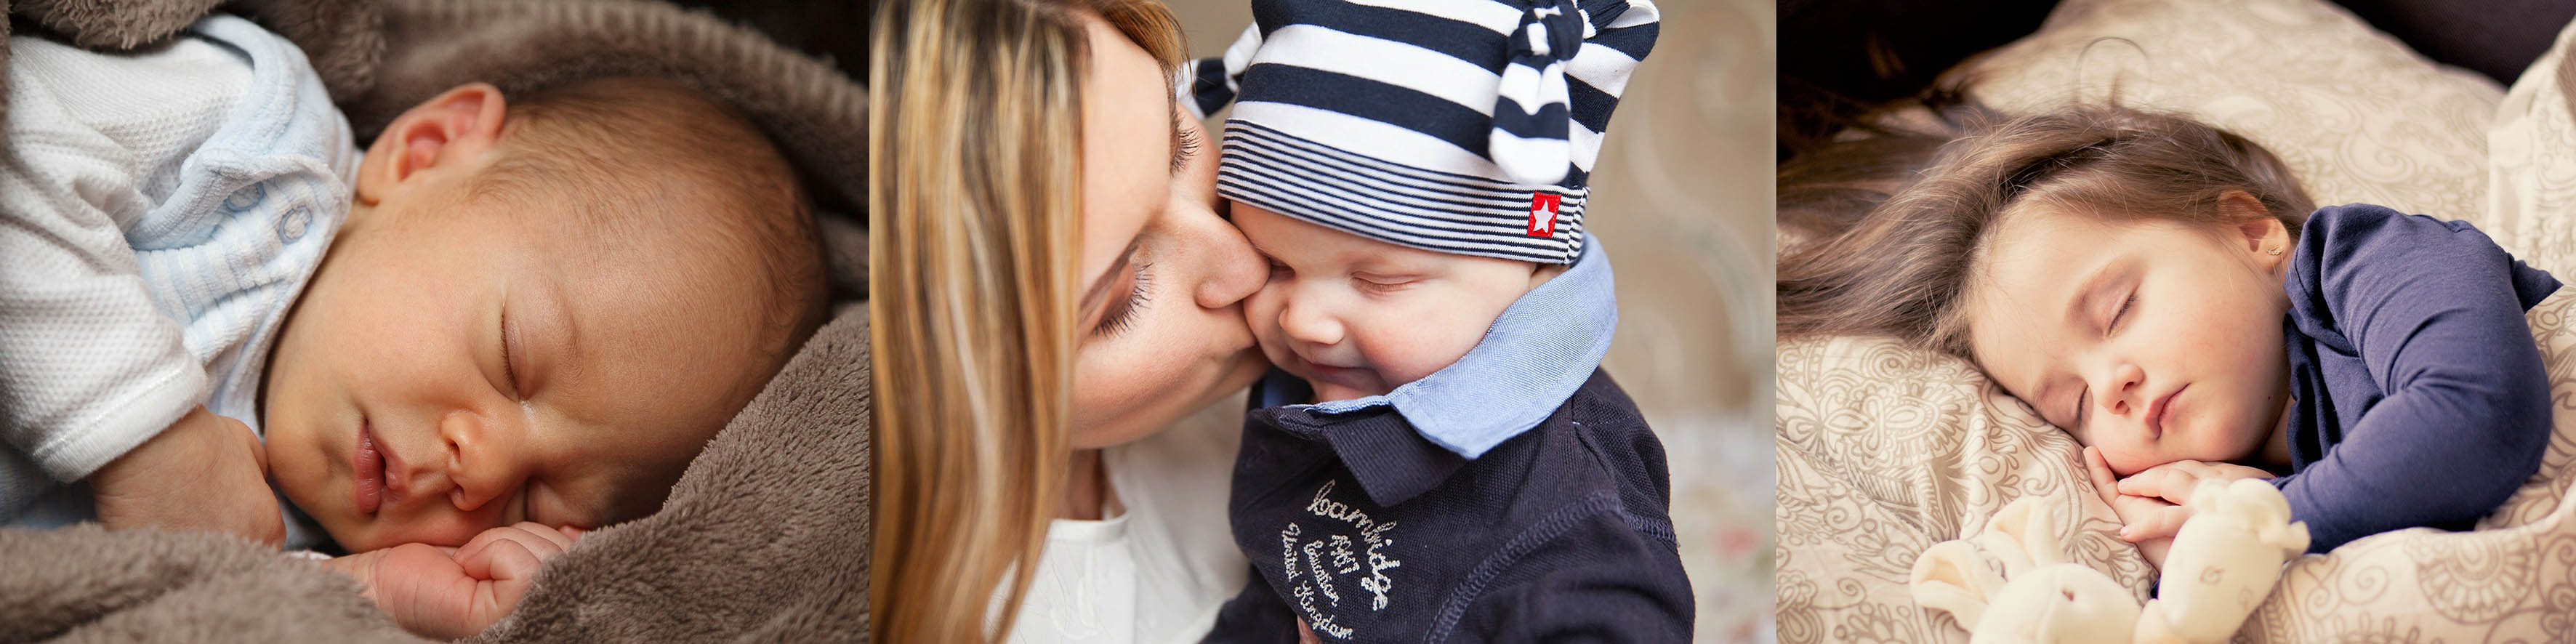 alt i babyudstyr - hvad skal man bruge til den lille ny